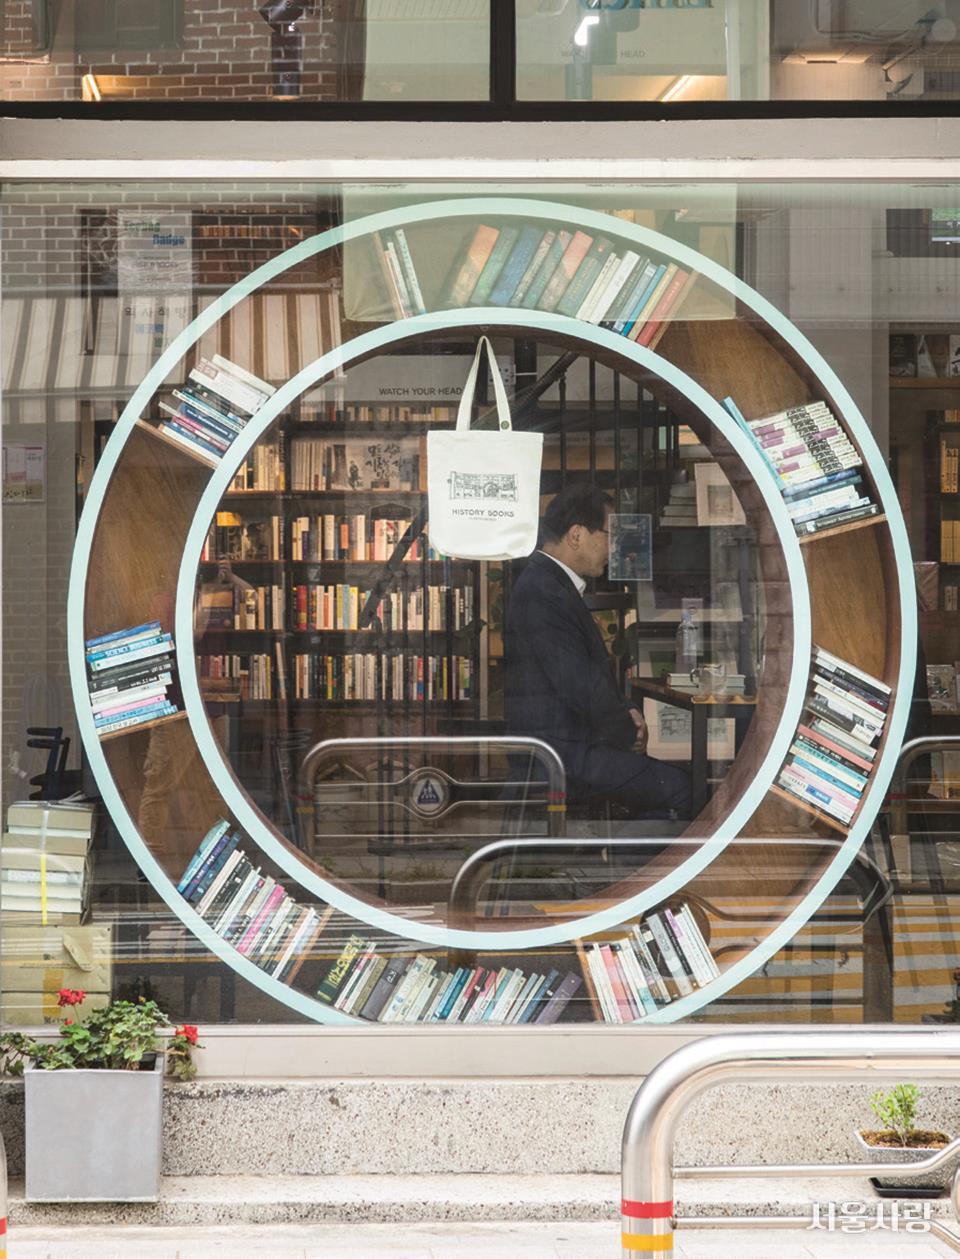 서울형책방인 '역사책방'은 역사 위주의 책들을 선별해 제안하며, 저자와의 만남 역시 역사책이 주를 이룬다